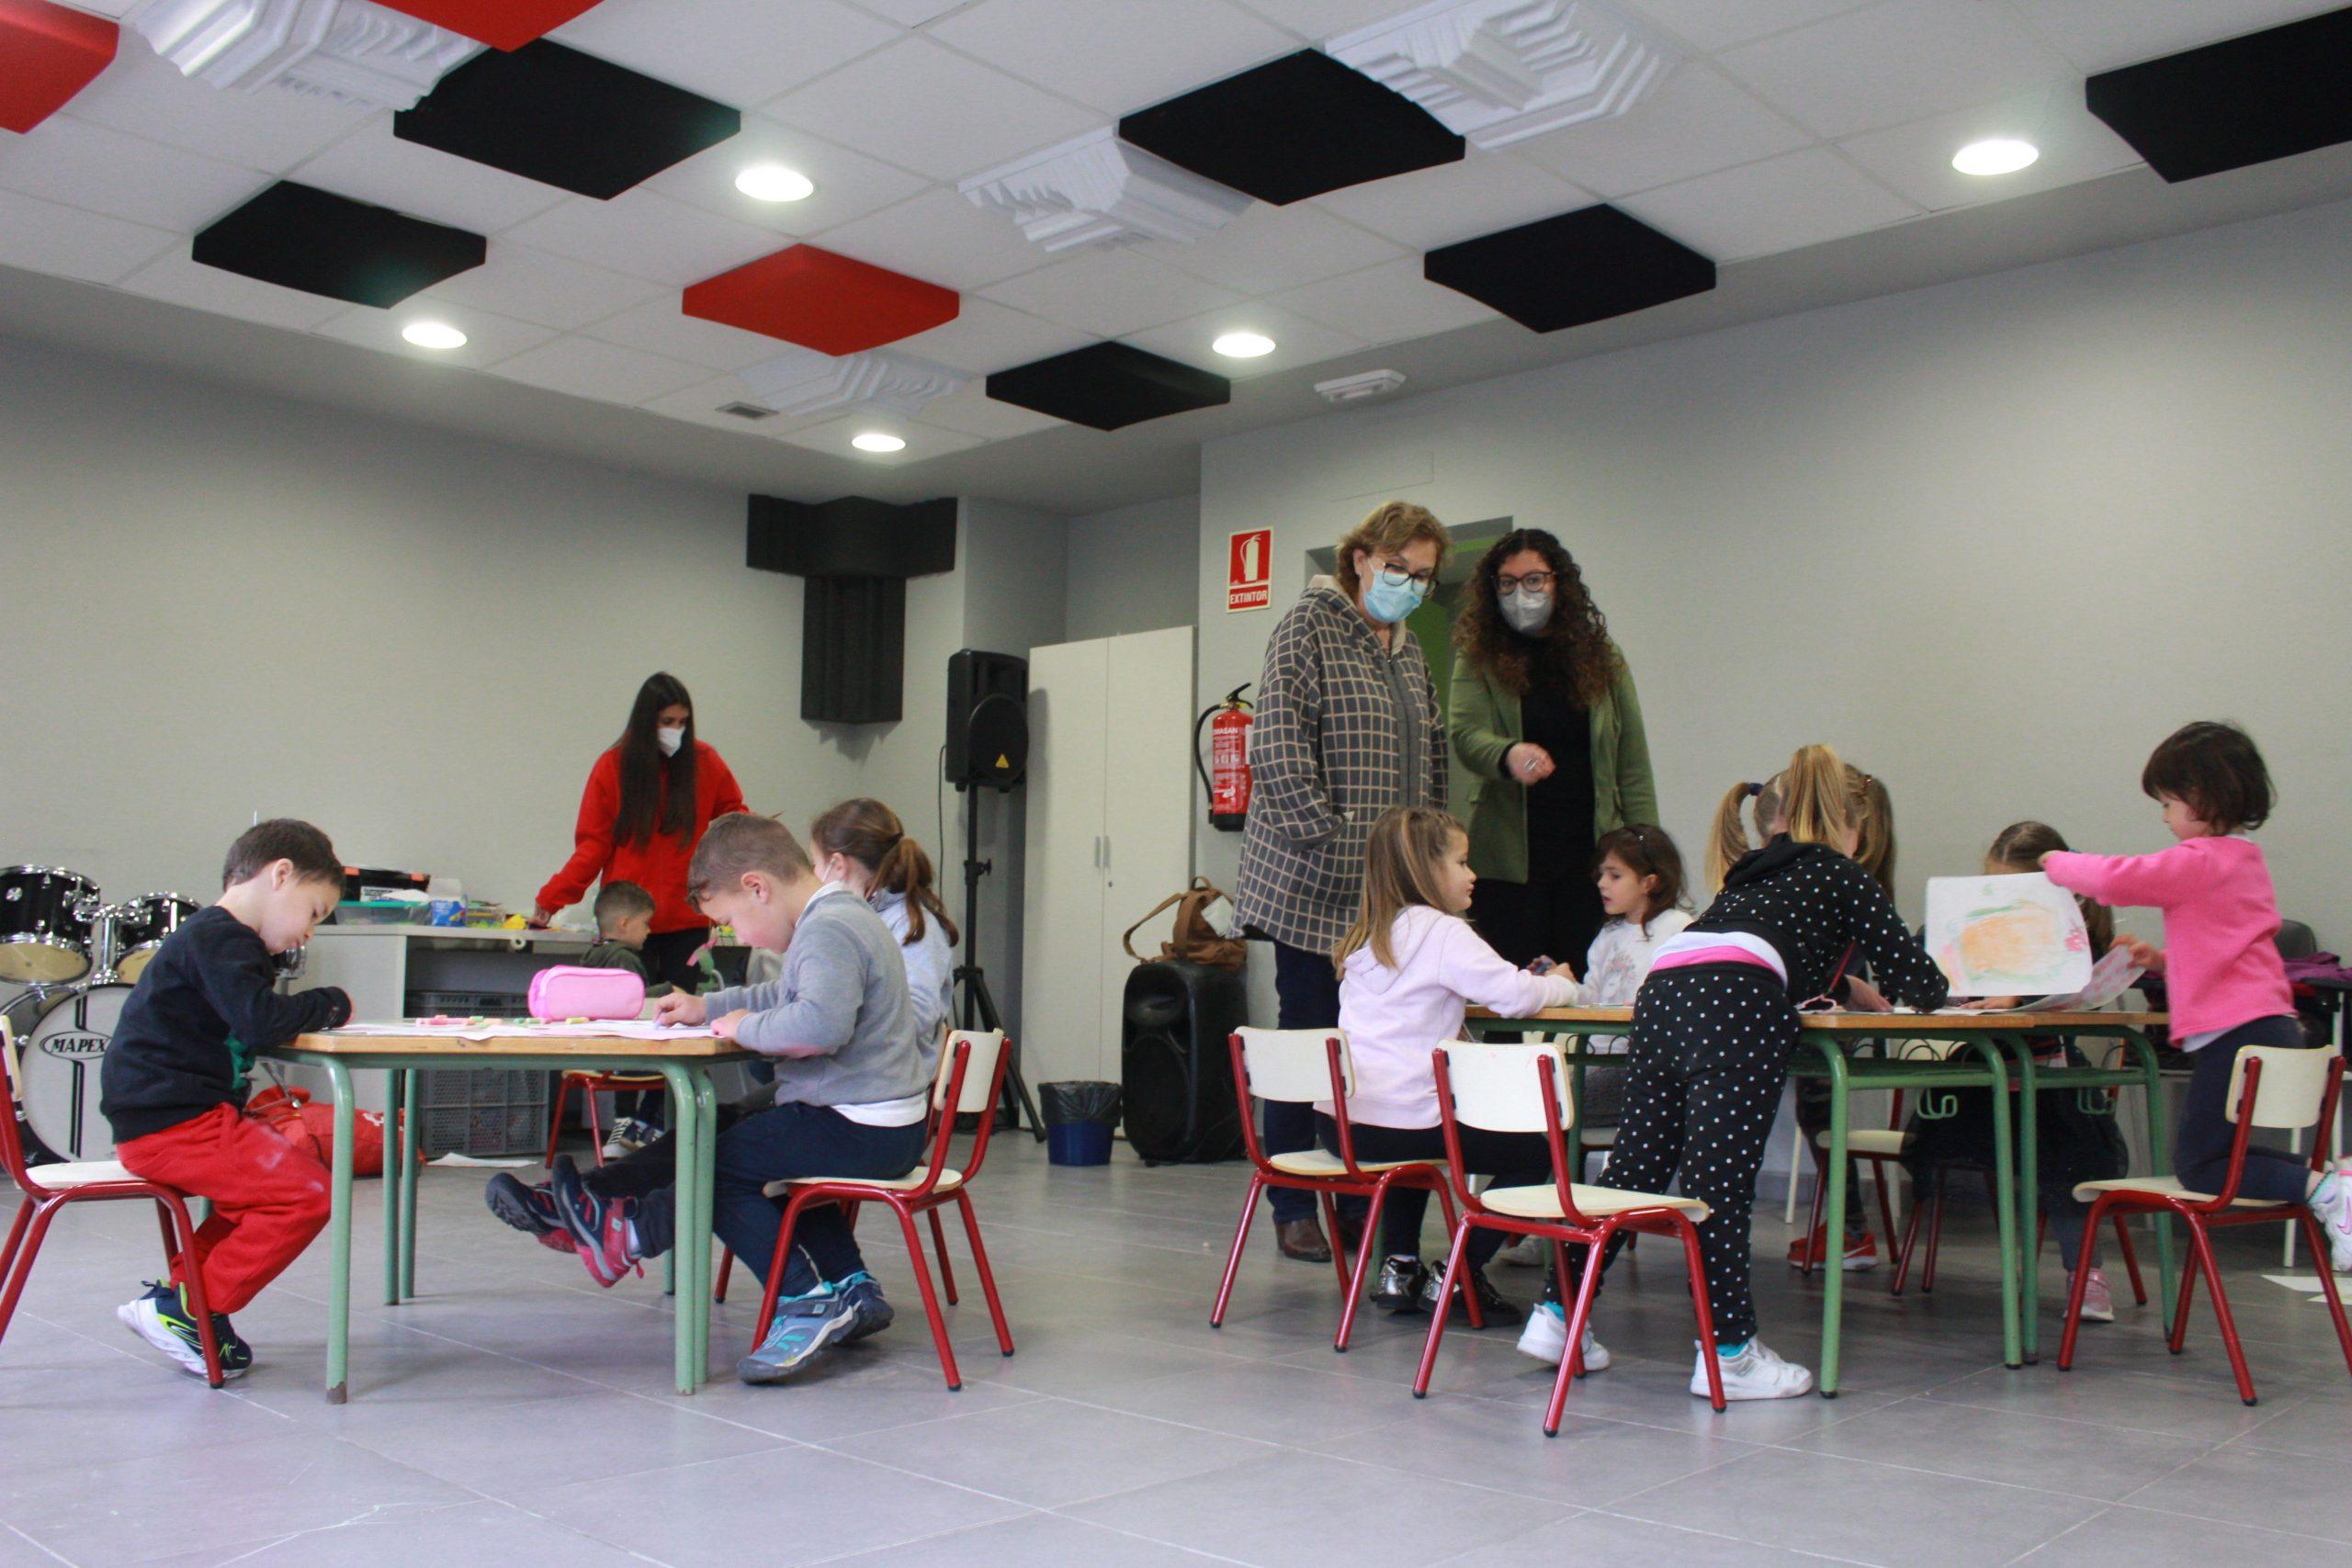 Safont visita a los niños y niñas que participan en les 'Escoletes de Pasqua' de Borriana